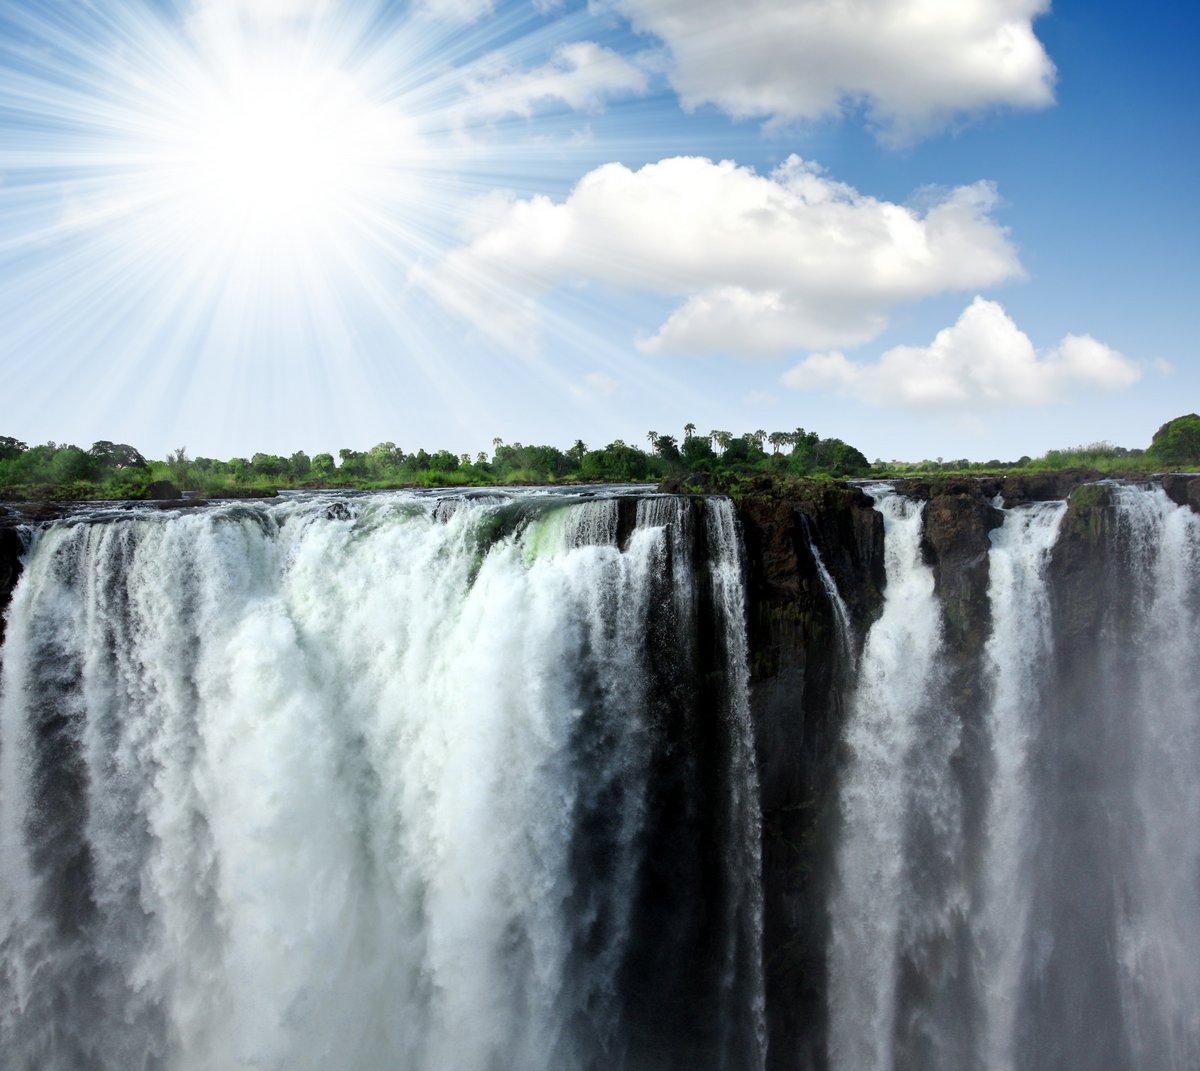 Постер Водопады Водопад Виктория на границе Зимбабве и ЗамбииВодопады<br>Постер на холсте или бумаге. Любого нужного вам размера. В раме или без. Подвес в комплекте. Трехслойная надежная упаковка. Доставим в любую точку России. Вам осталось только повесить картину на стену!<br>